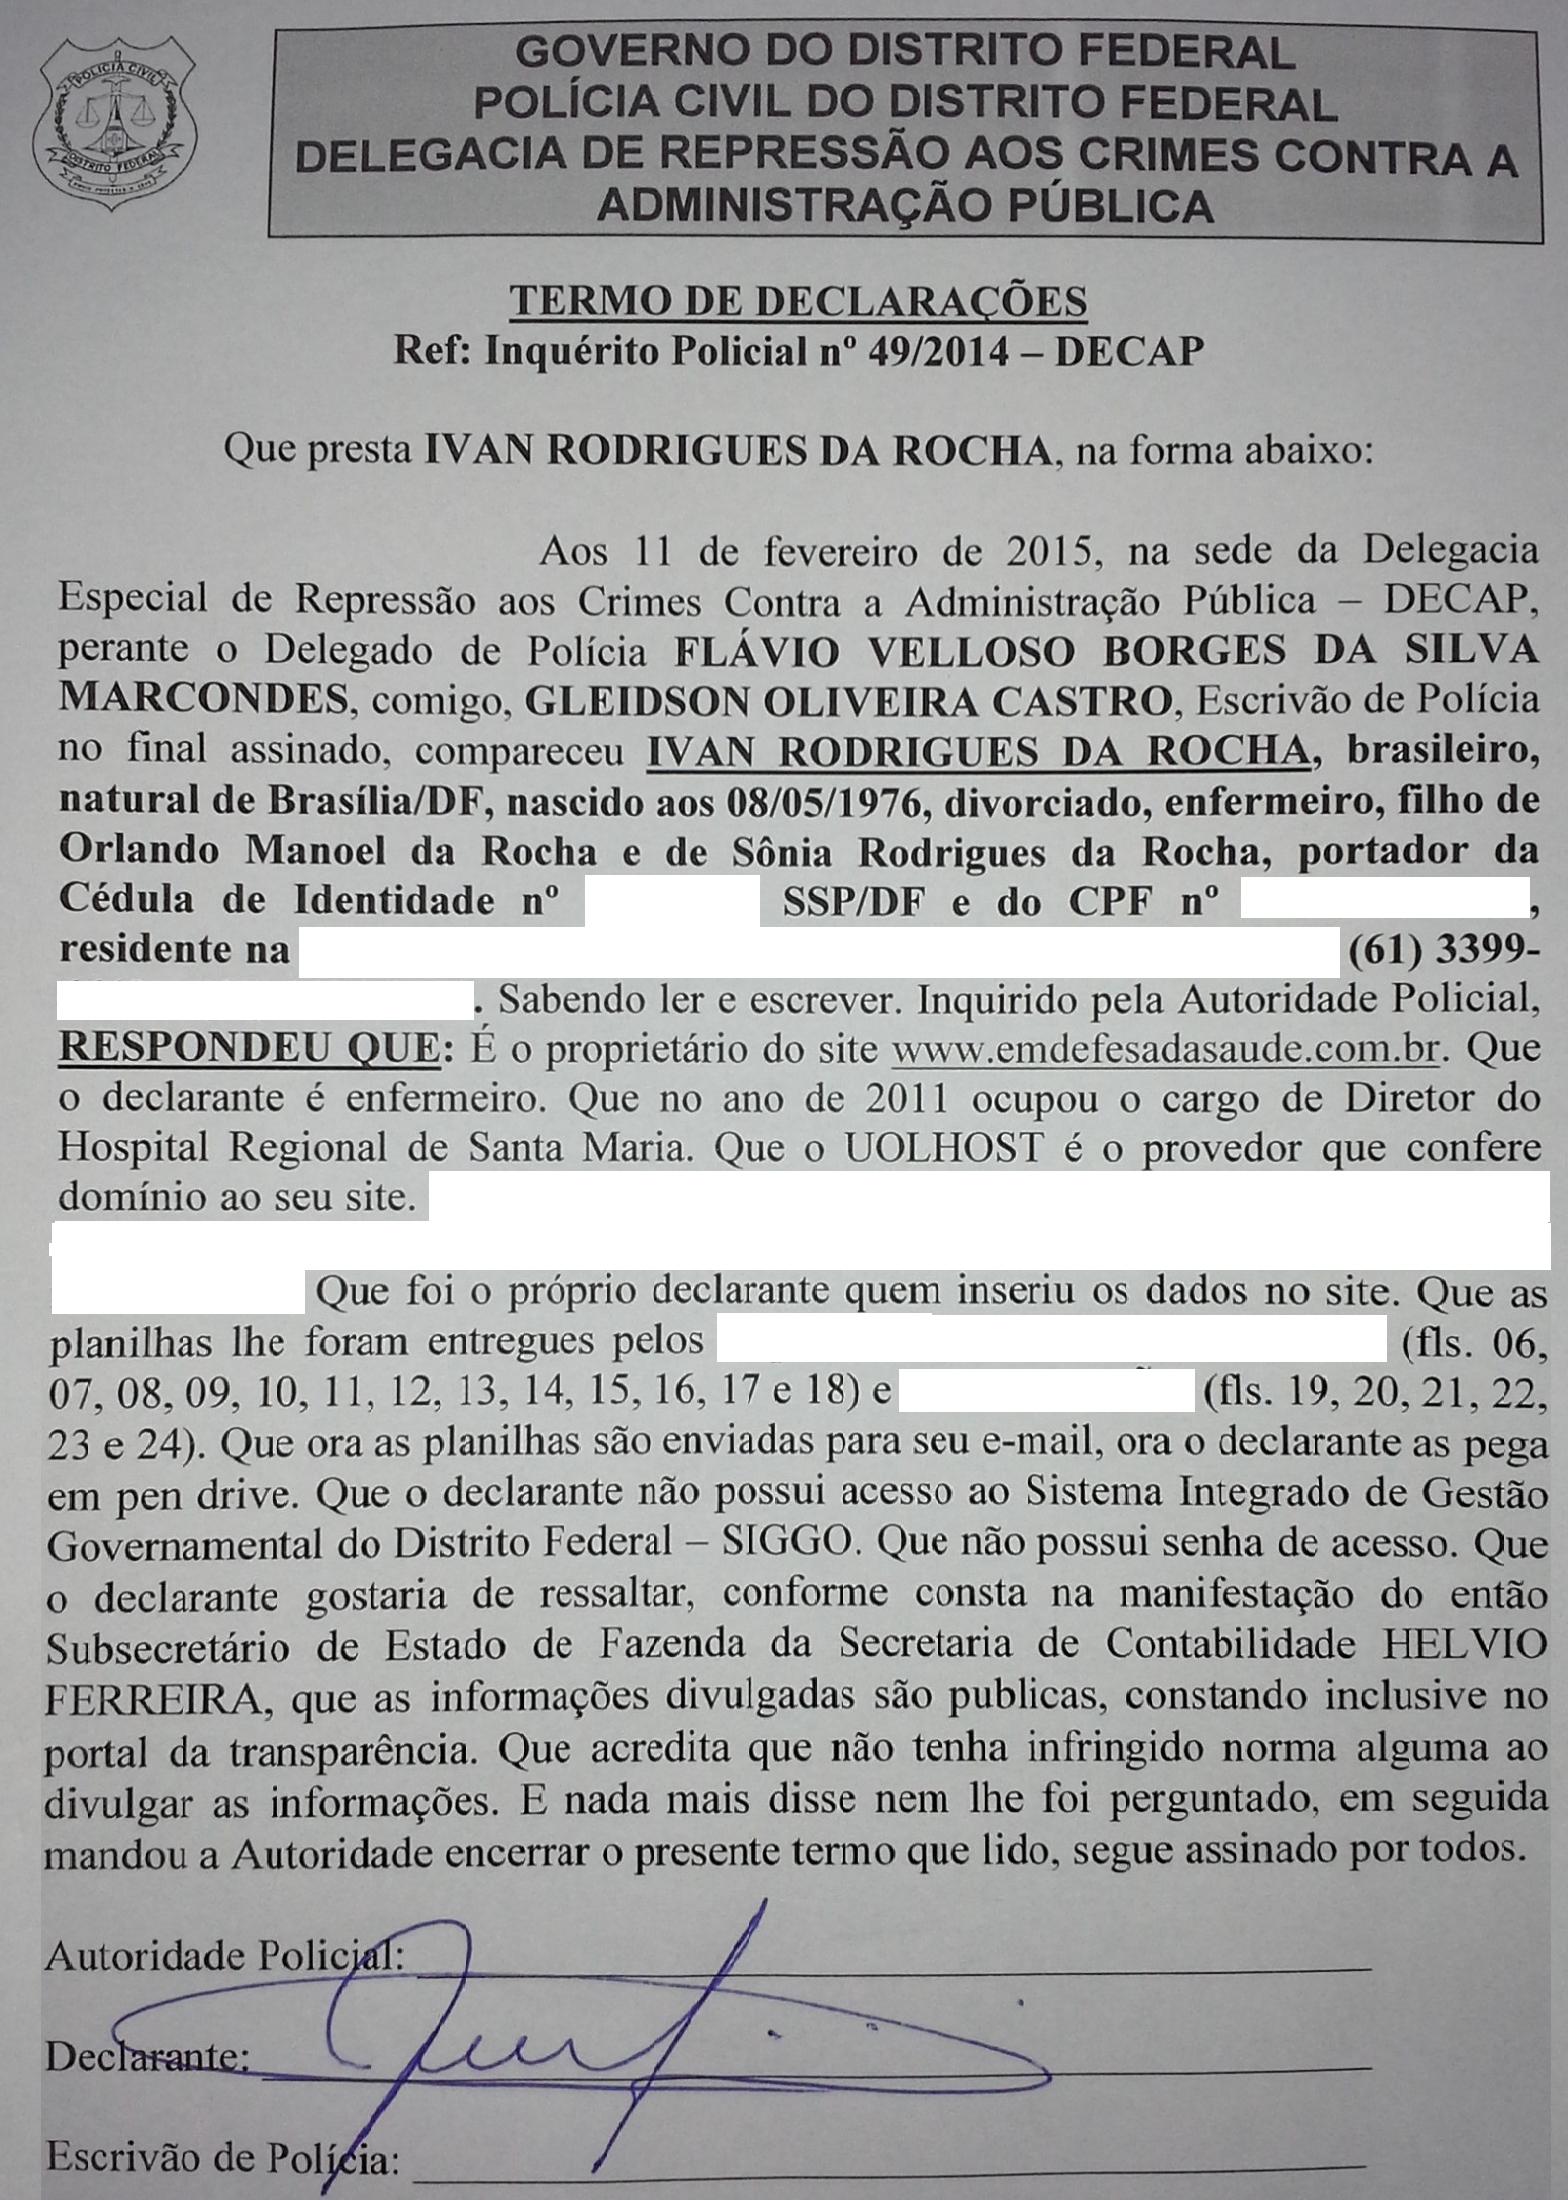 DECAP – DELEGACIA ESPECIAL DE REPRESSÃO AOS CRIMES CONTRA A ADMINISTRAÇÃO PÚBLICA